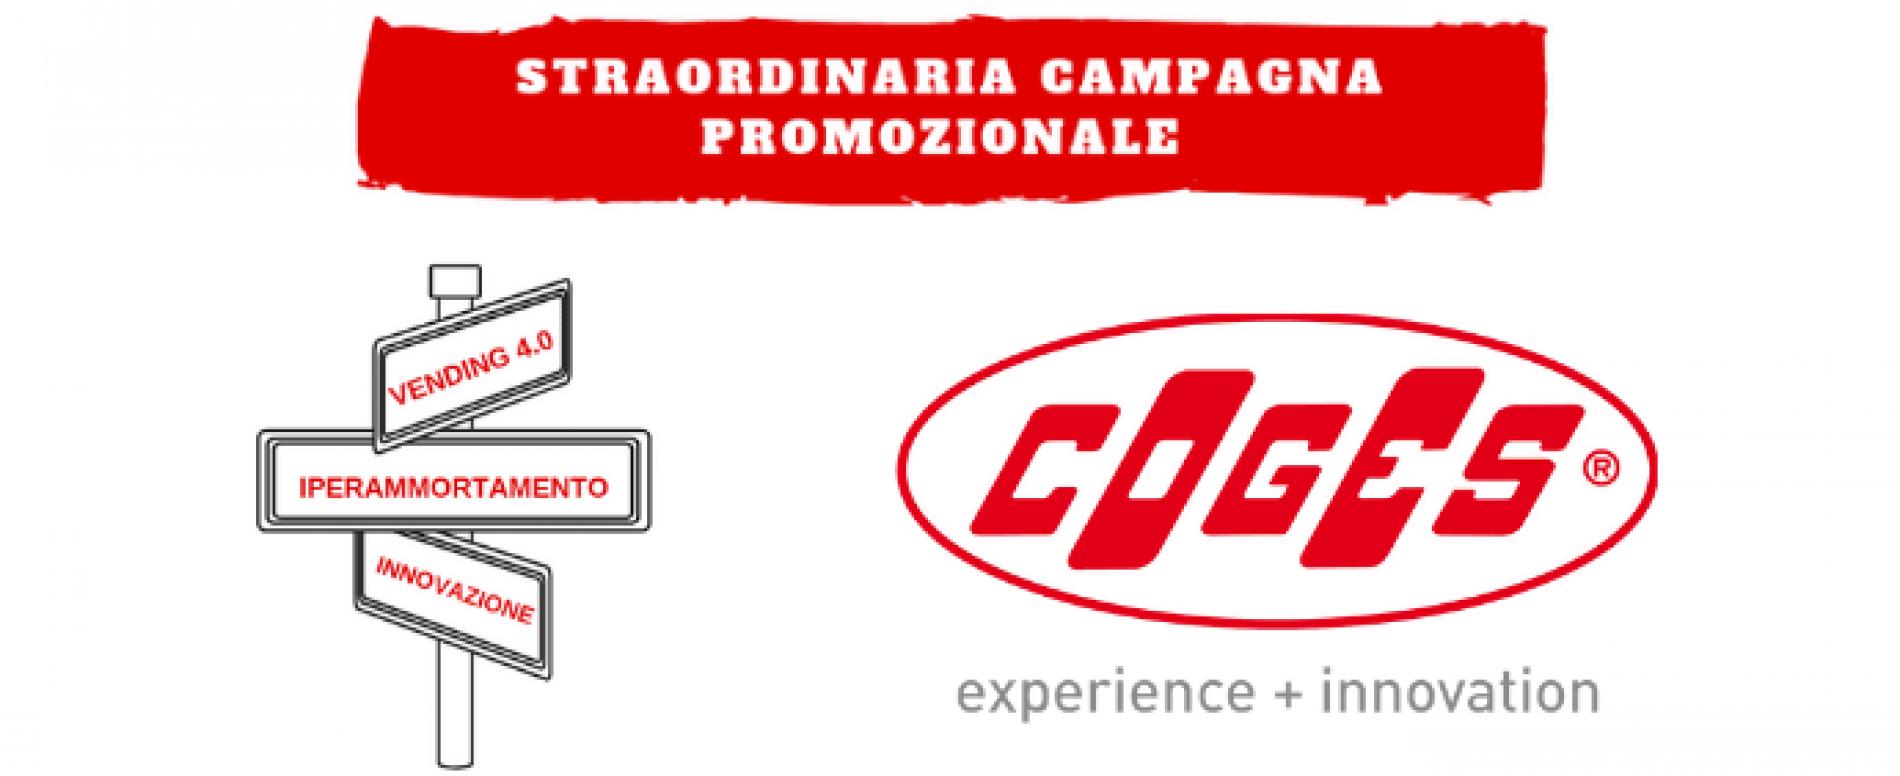 Campagna promozionale COGES per usufruire dell'Iperammortamento